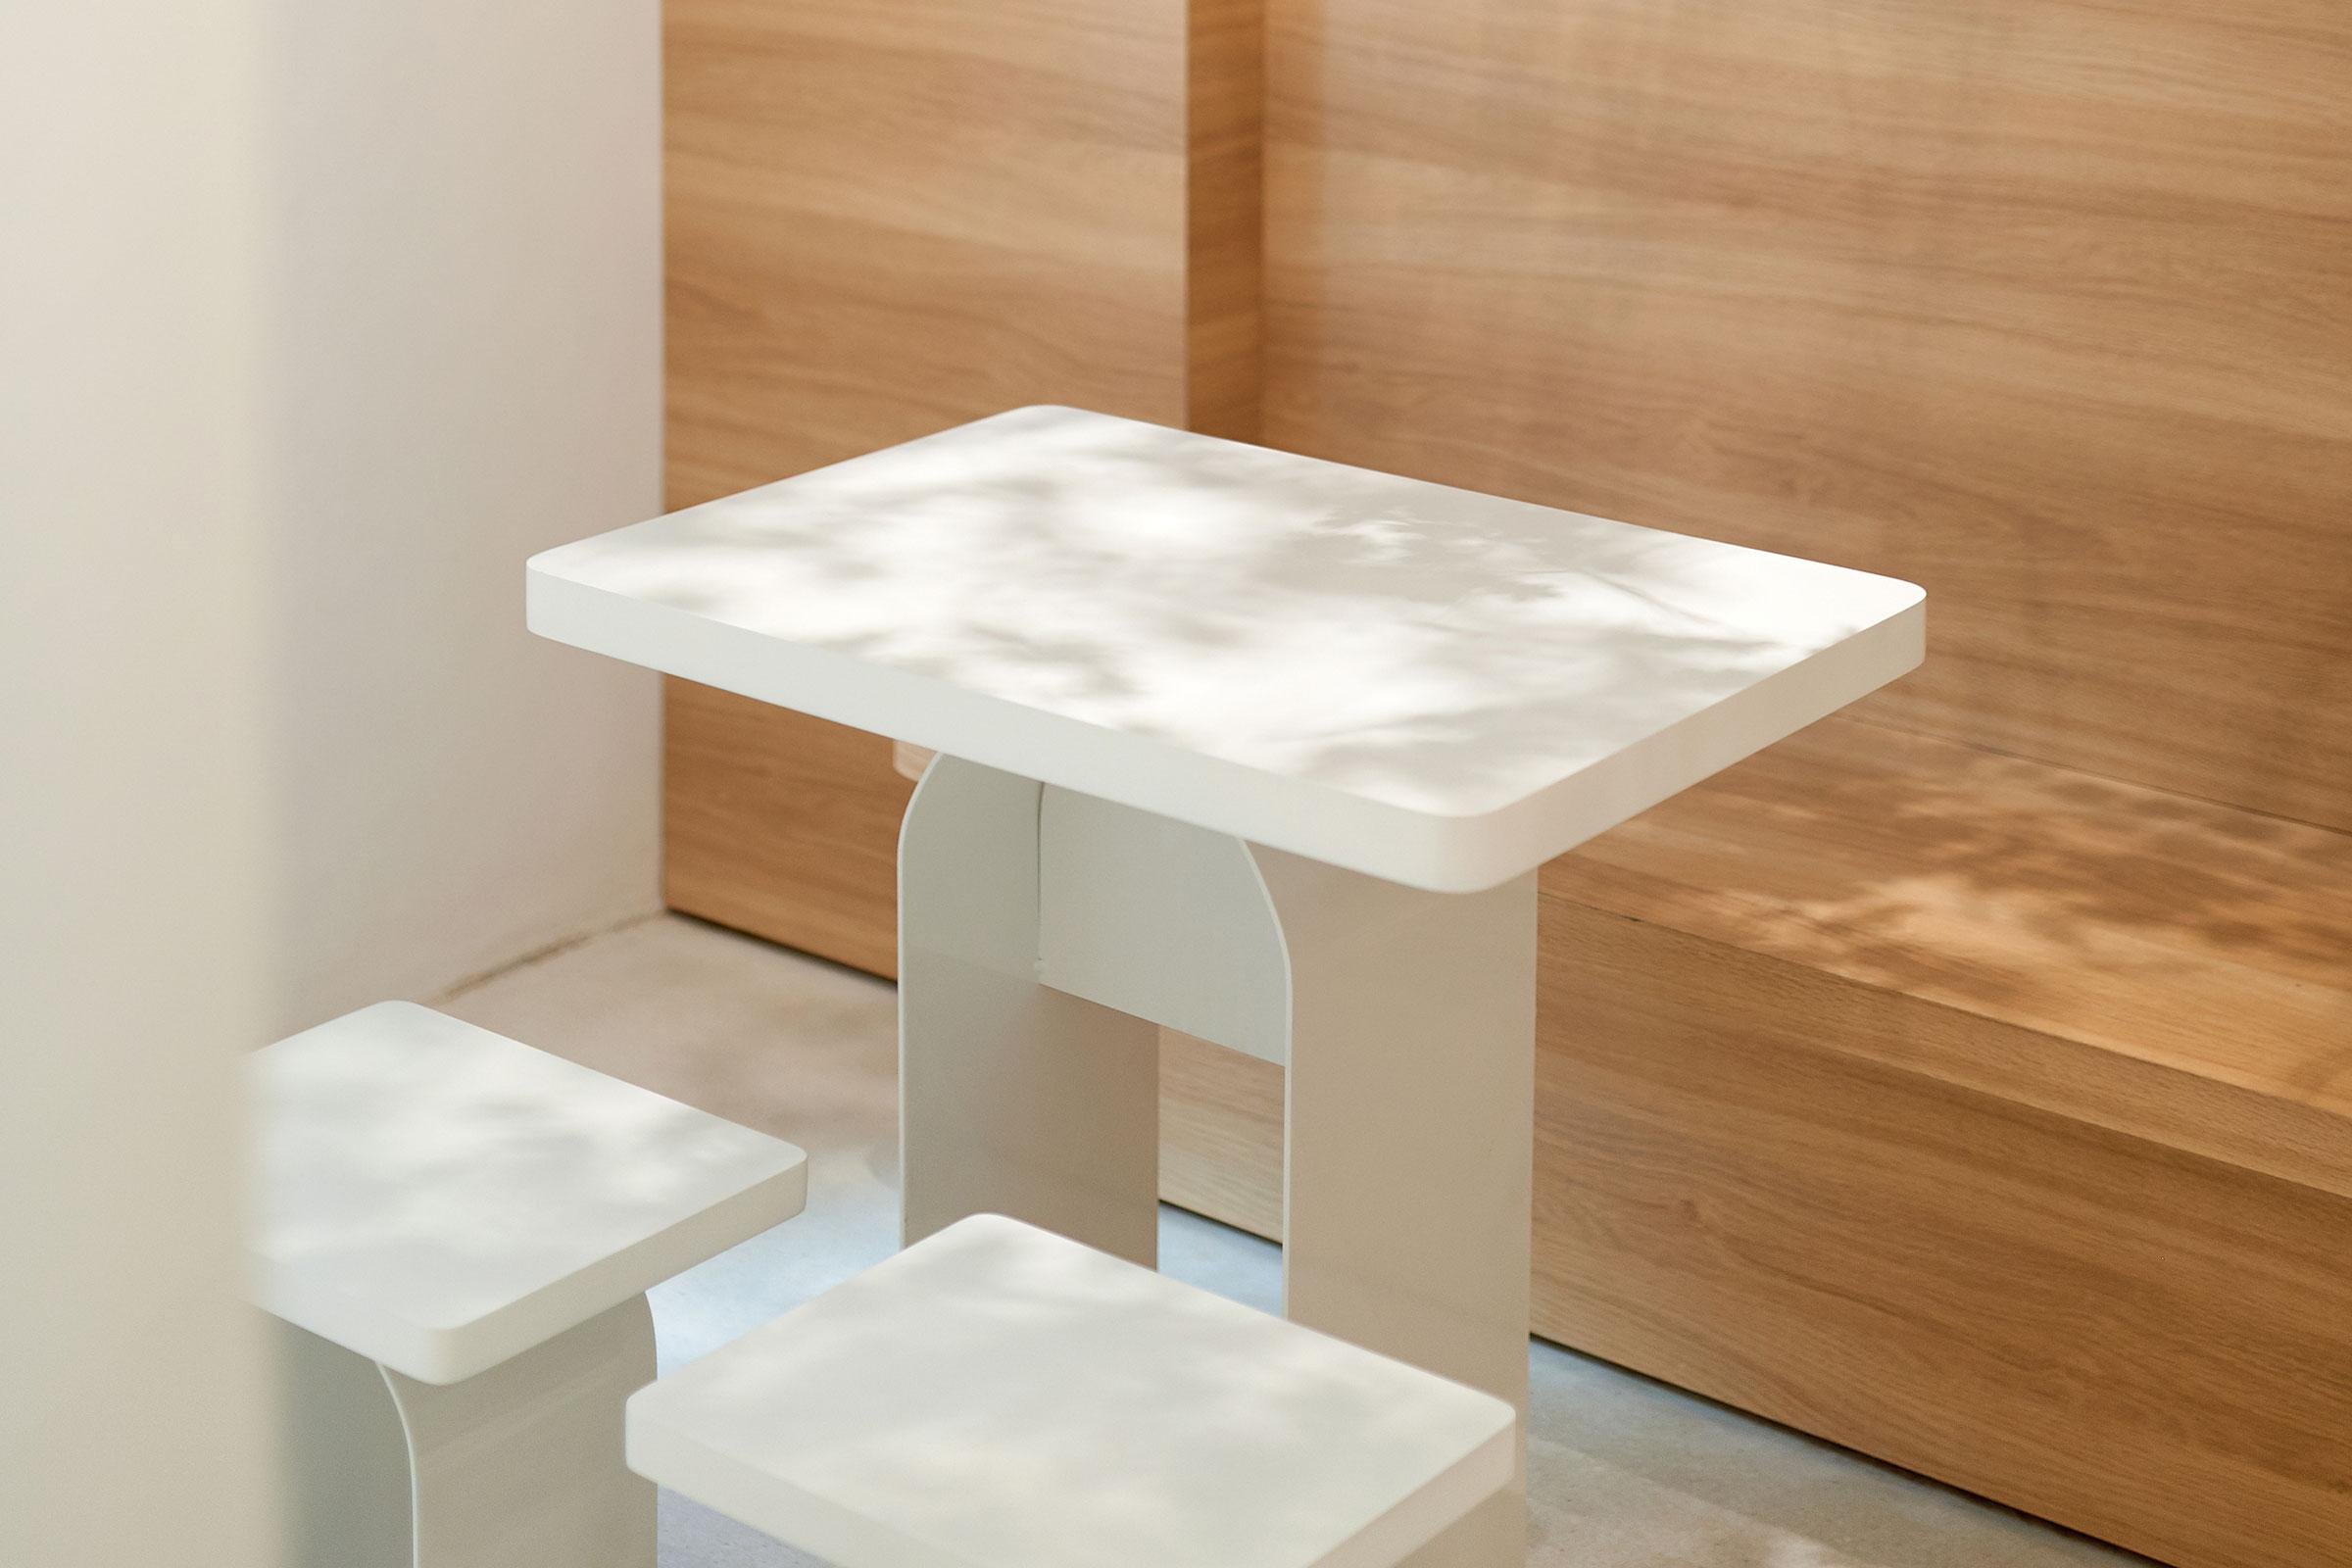 Furniture-details-1.jpg